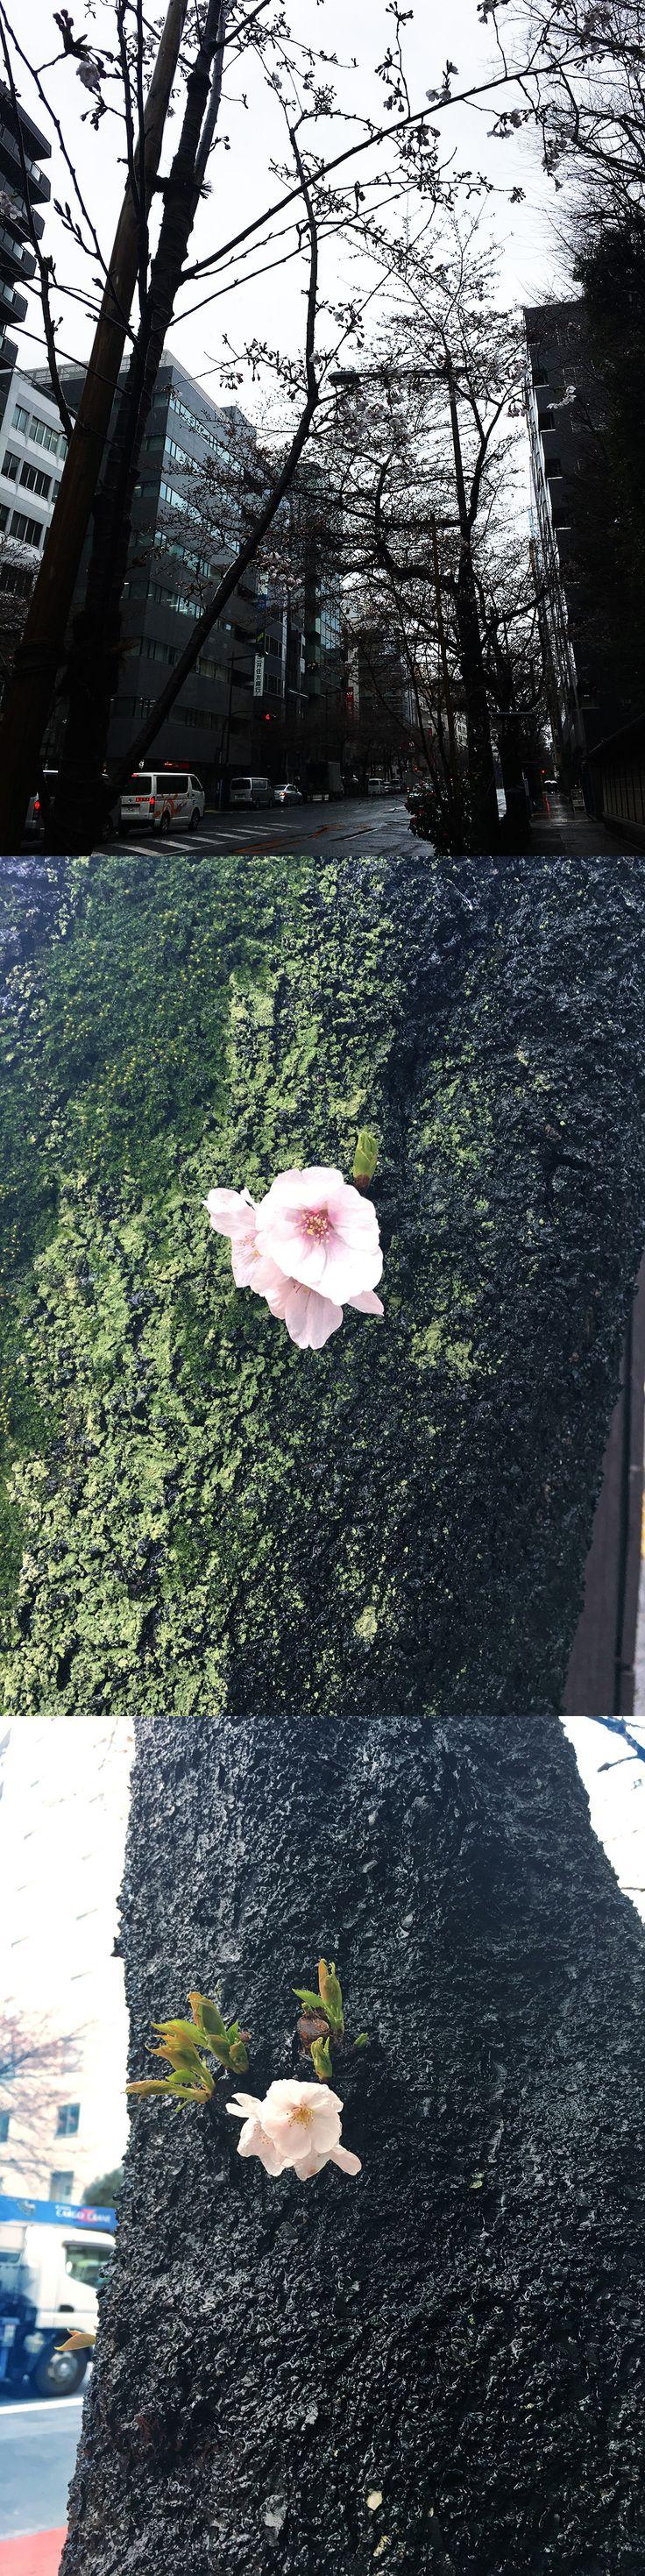 【編集者M】今日の東京は雨が降っています。そんな中、編集長が雨ニモマケズの精神で桜の写真を撮ってきてくださいましたとても寒い中、桜の花たちが必死になって咲こうと頑張っています今年は満開の時期が遅くなりそうですが、頑張る姿を見守ってあげてください